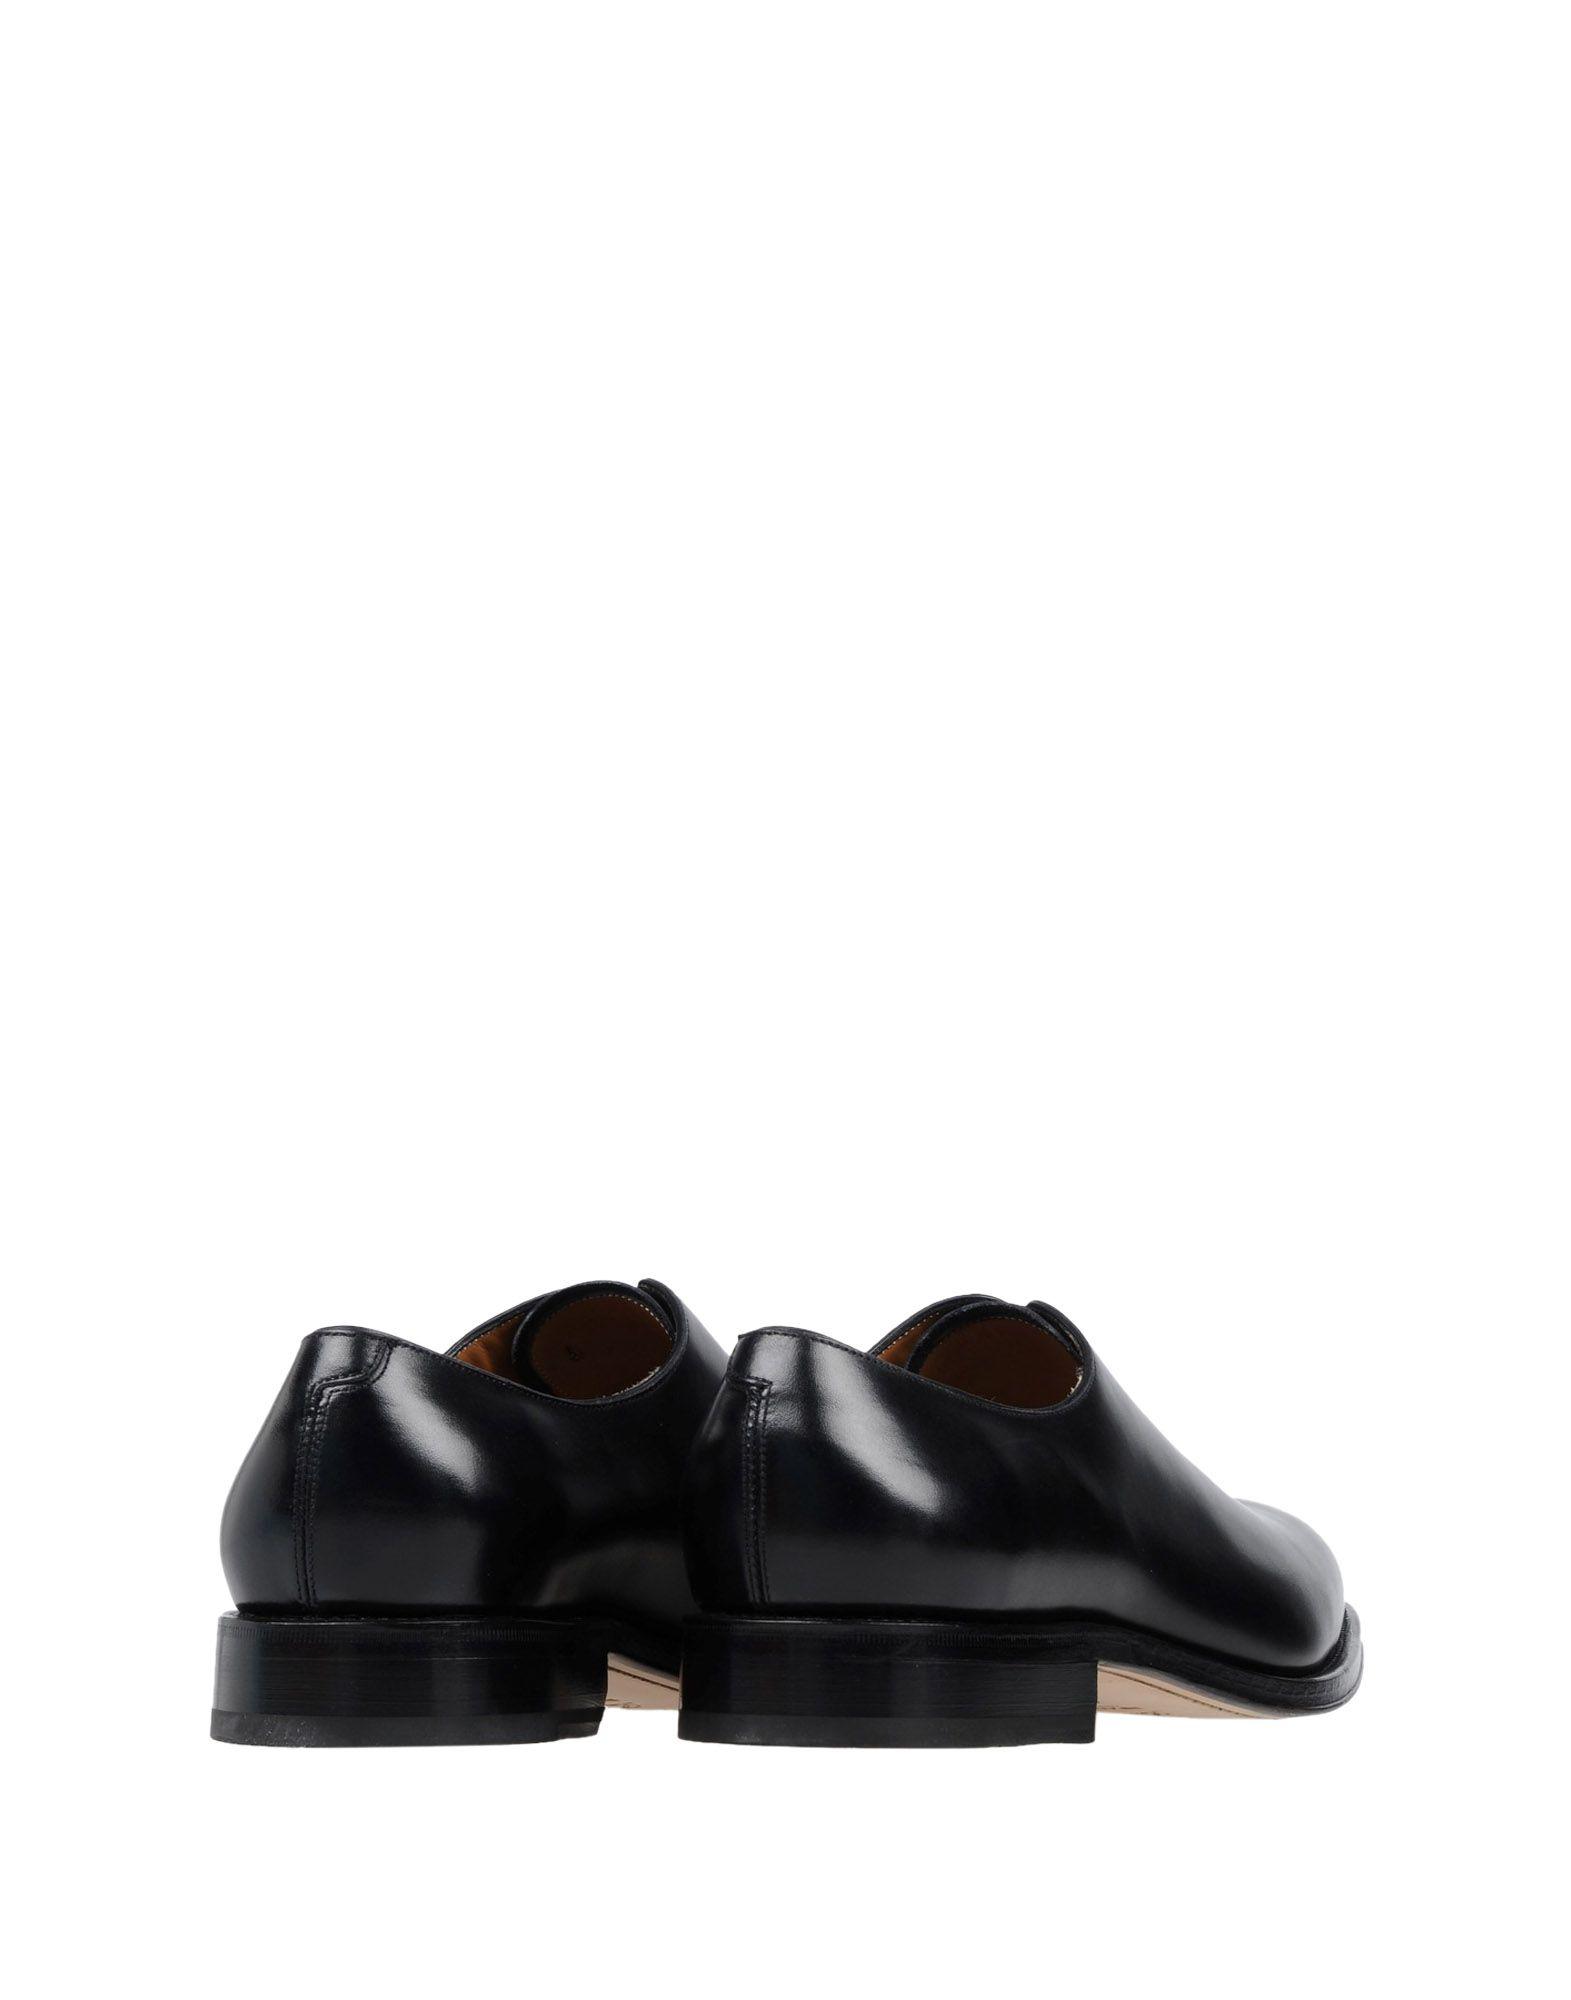 Salvatore Ferragamo Schnürschuhe Herren beliebte  11465885EV Gute Qualität beliebte Herren Schuhe 6190f4